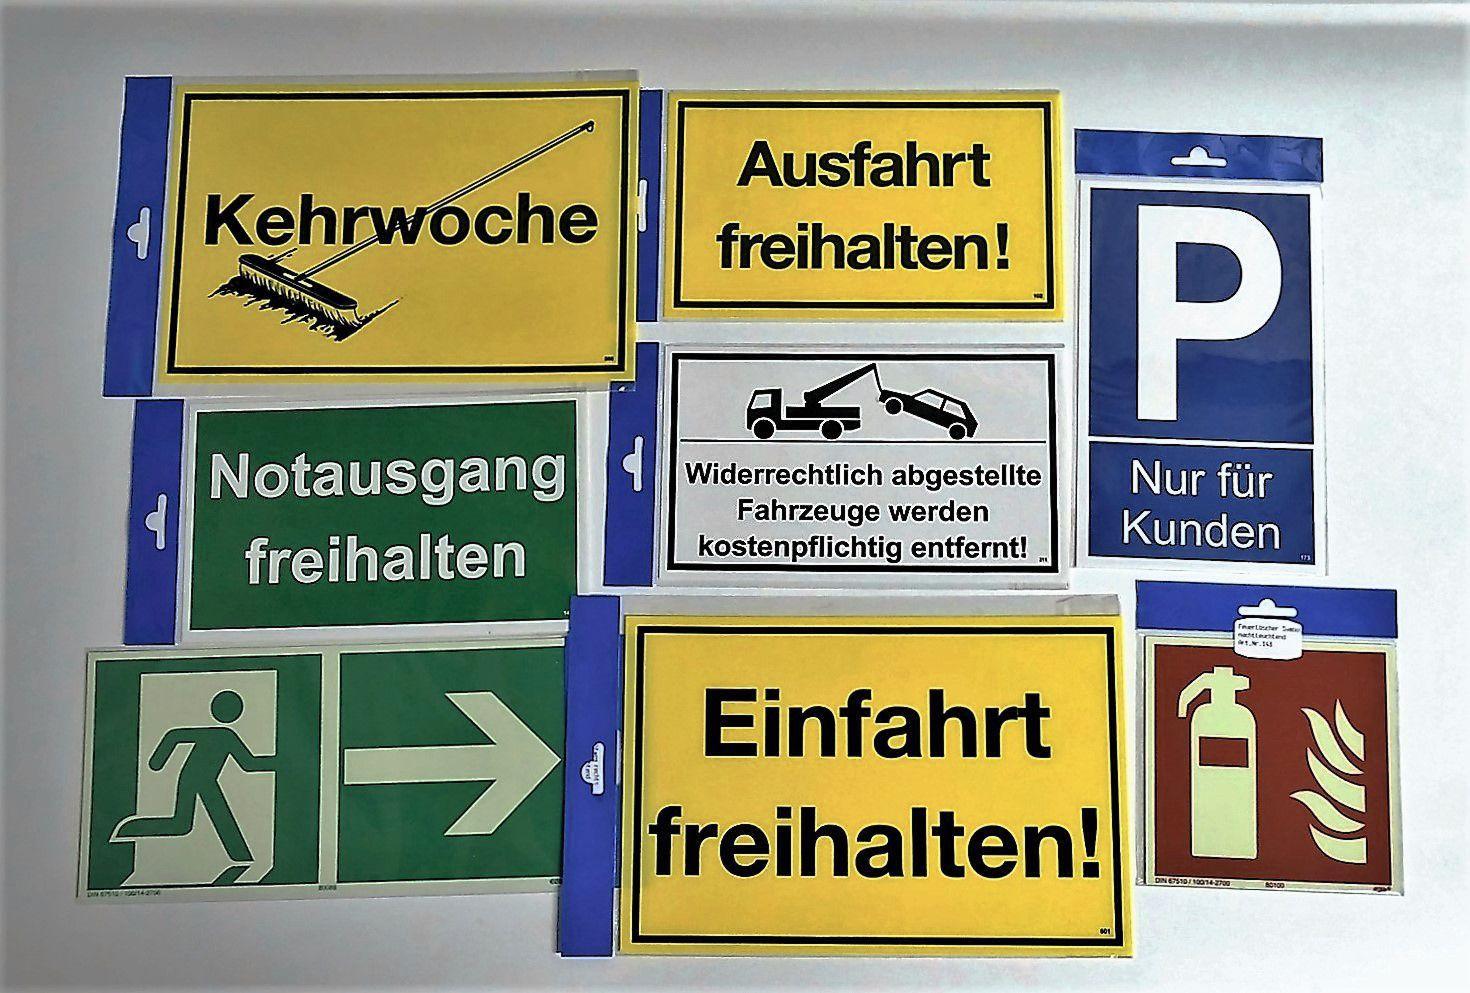 Betreten auf eigene Gefahr! 200 x 300 mm Warn- Hinweis- und Verbotsschild PST-Kunststoff – Bild 2